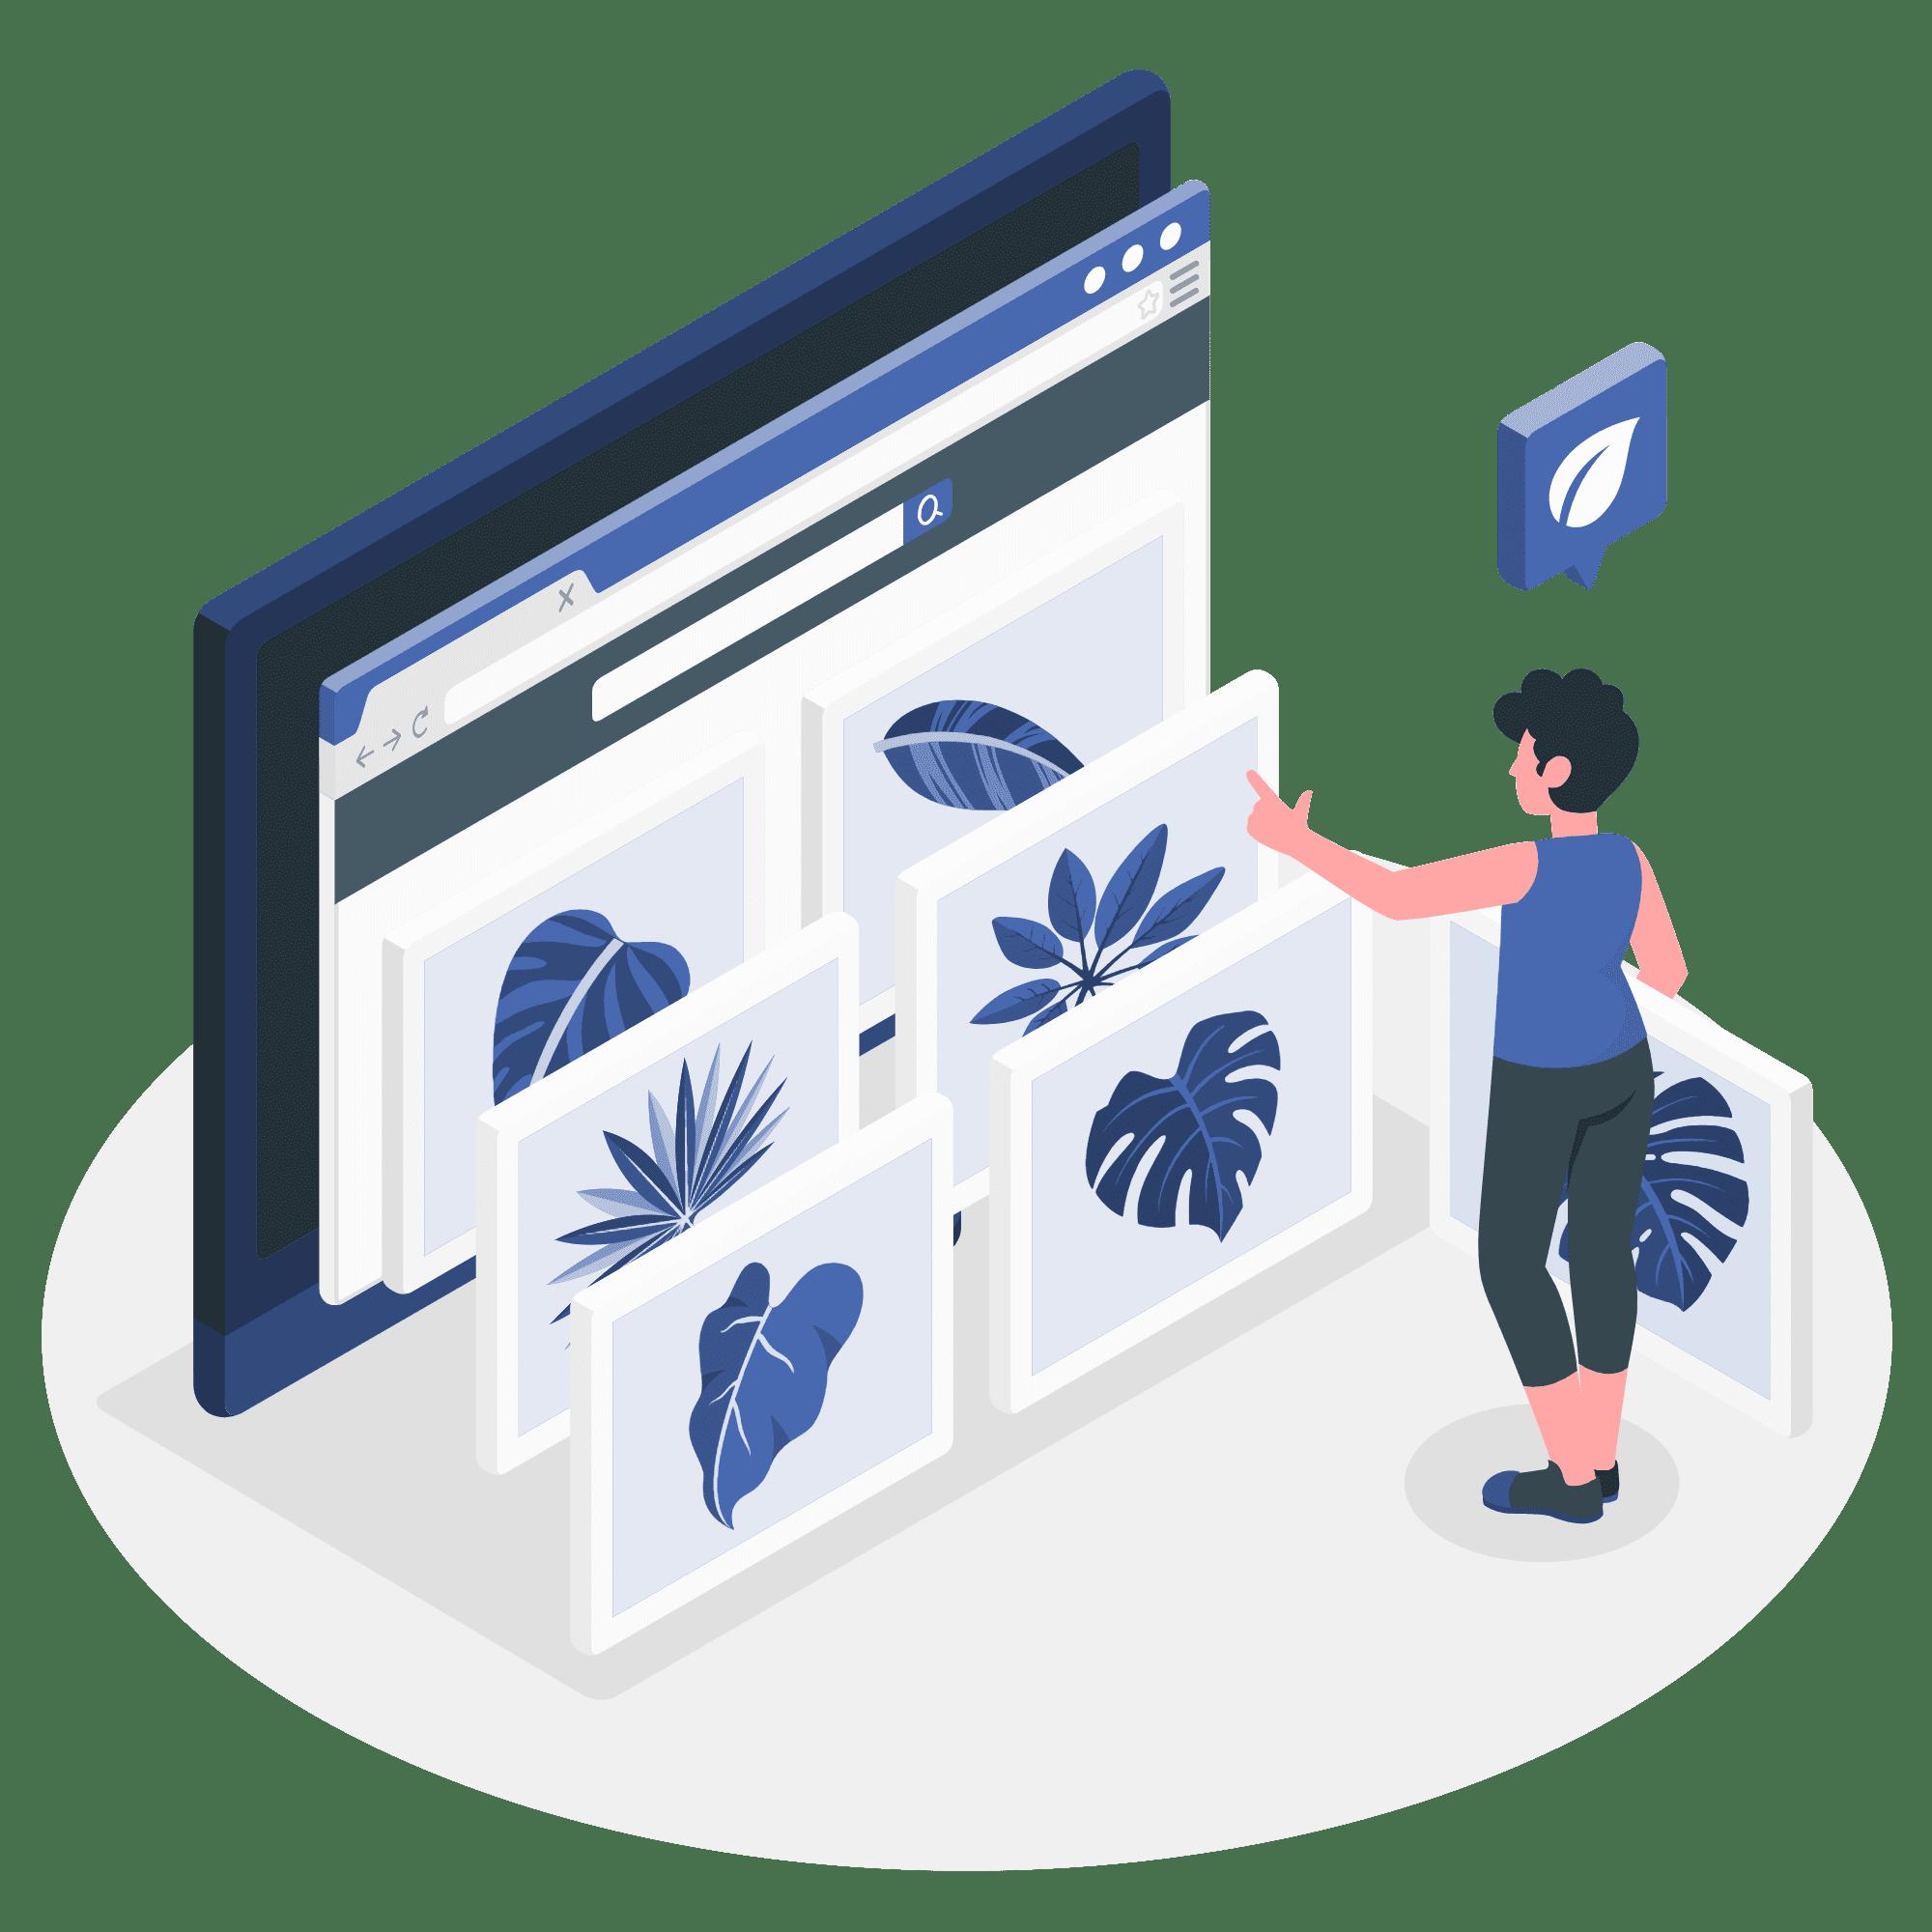 Ad trafficking vector illustration